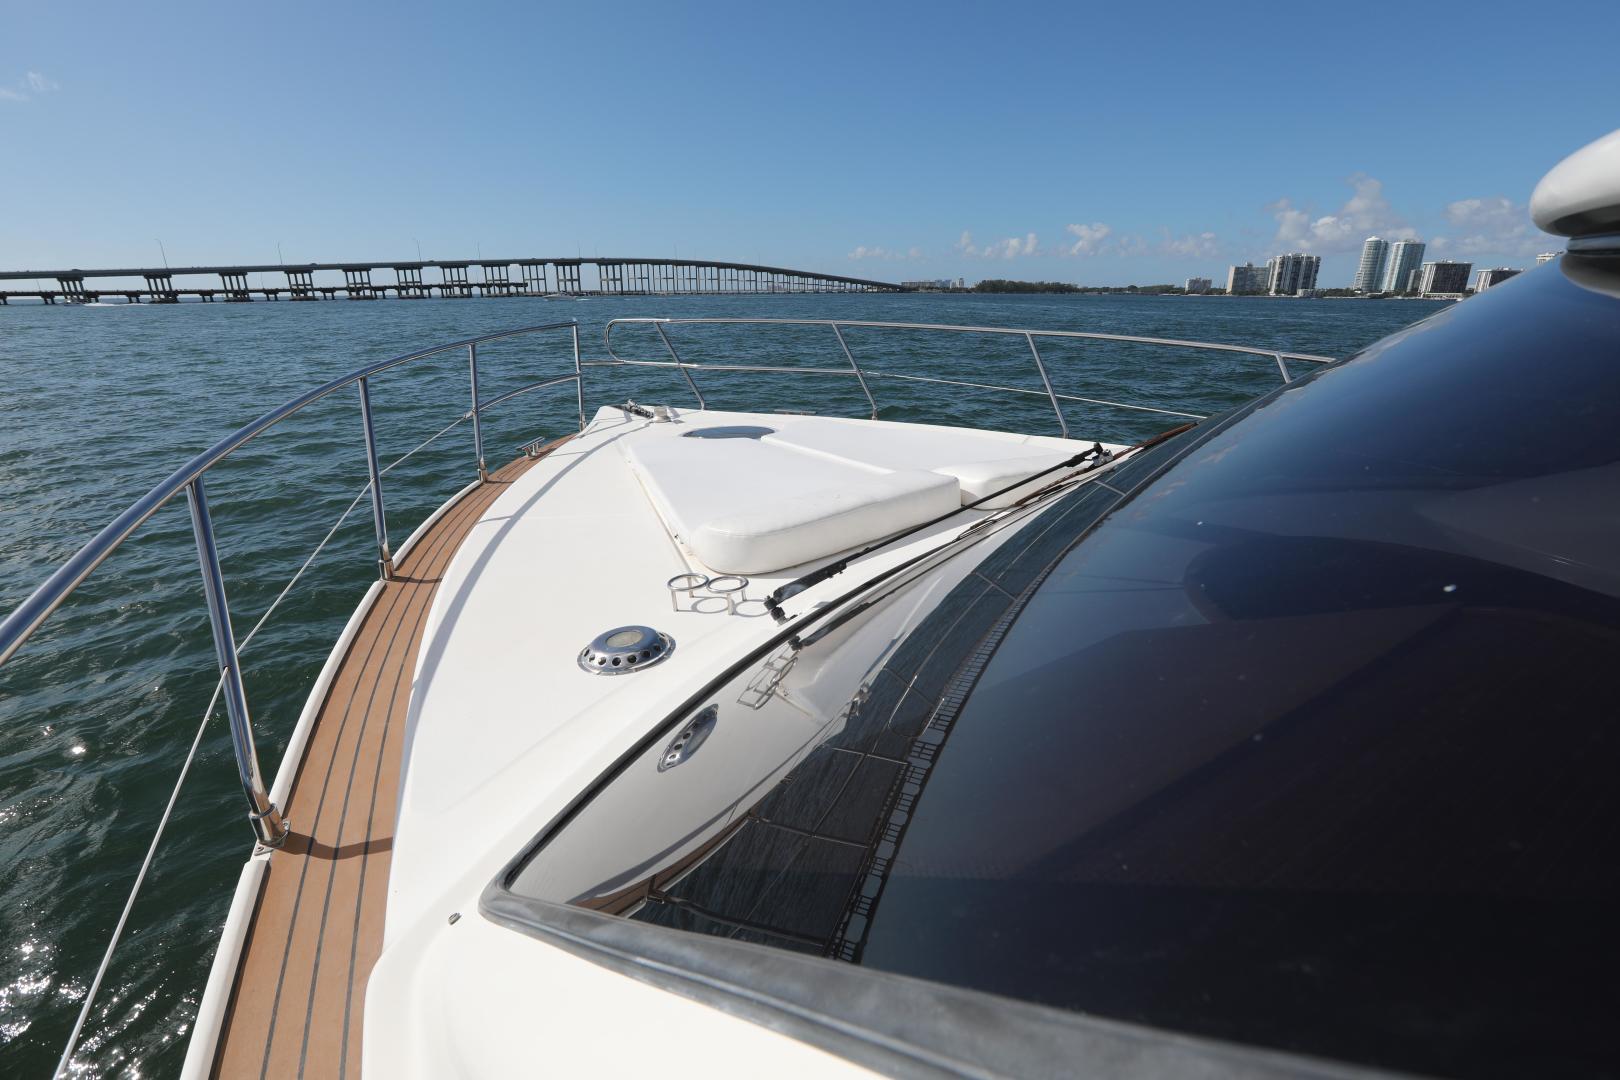 Rodman-Flybridge 2004-La Meli Miami Beach-Florida-United States-1566549 | Thumbnail